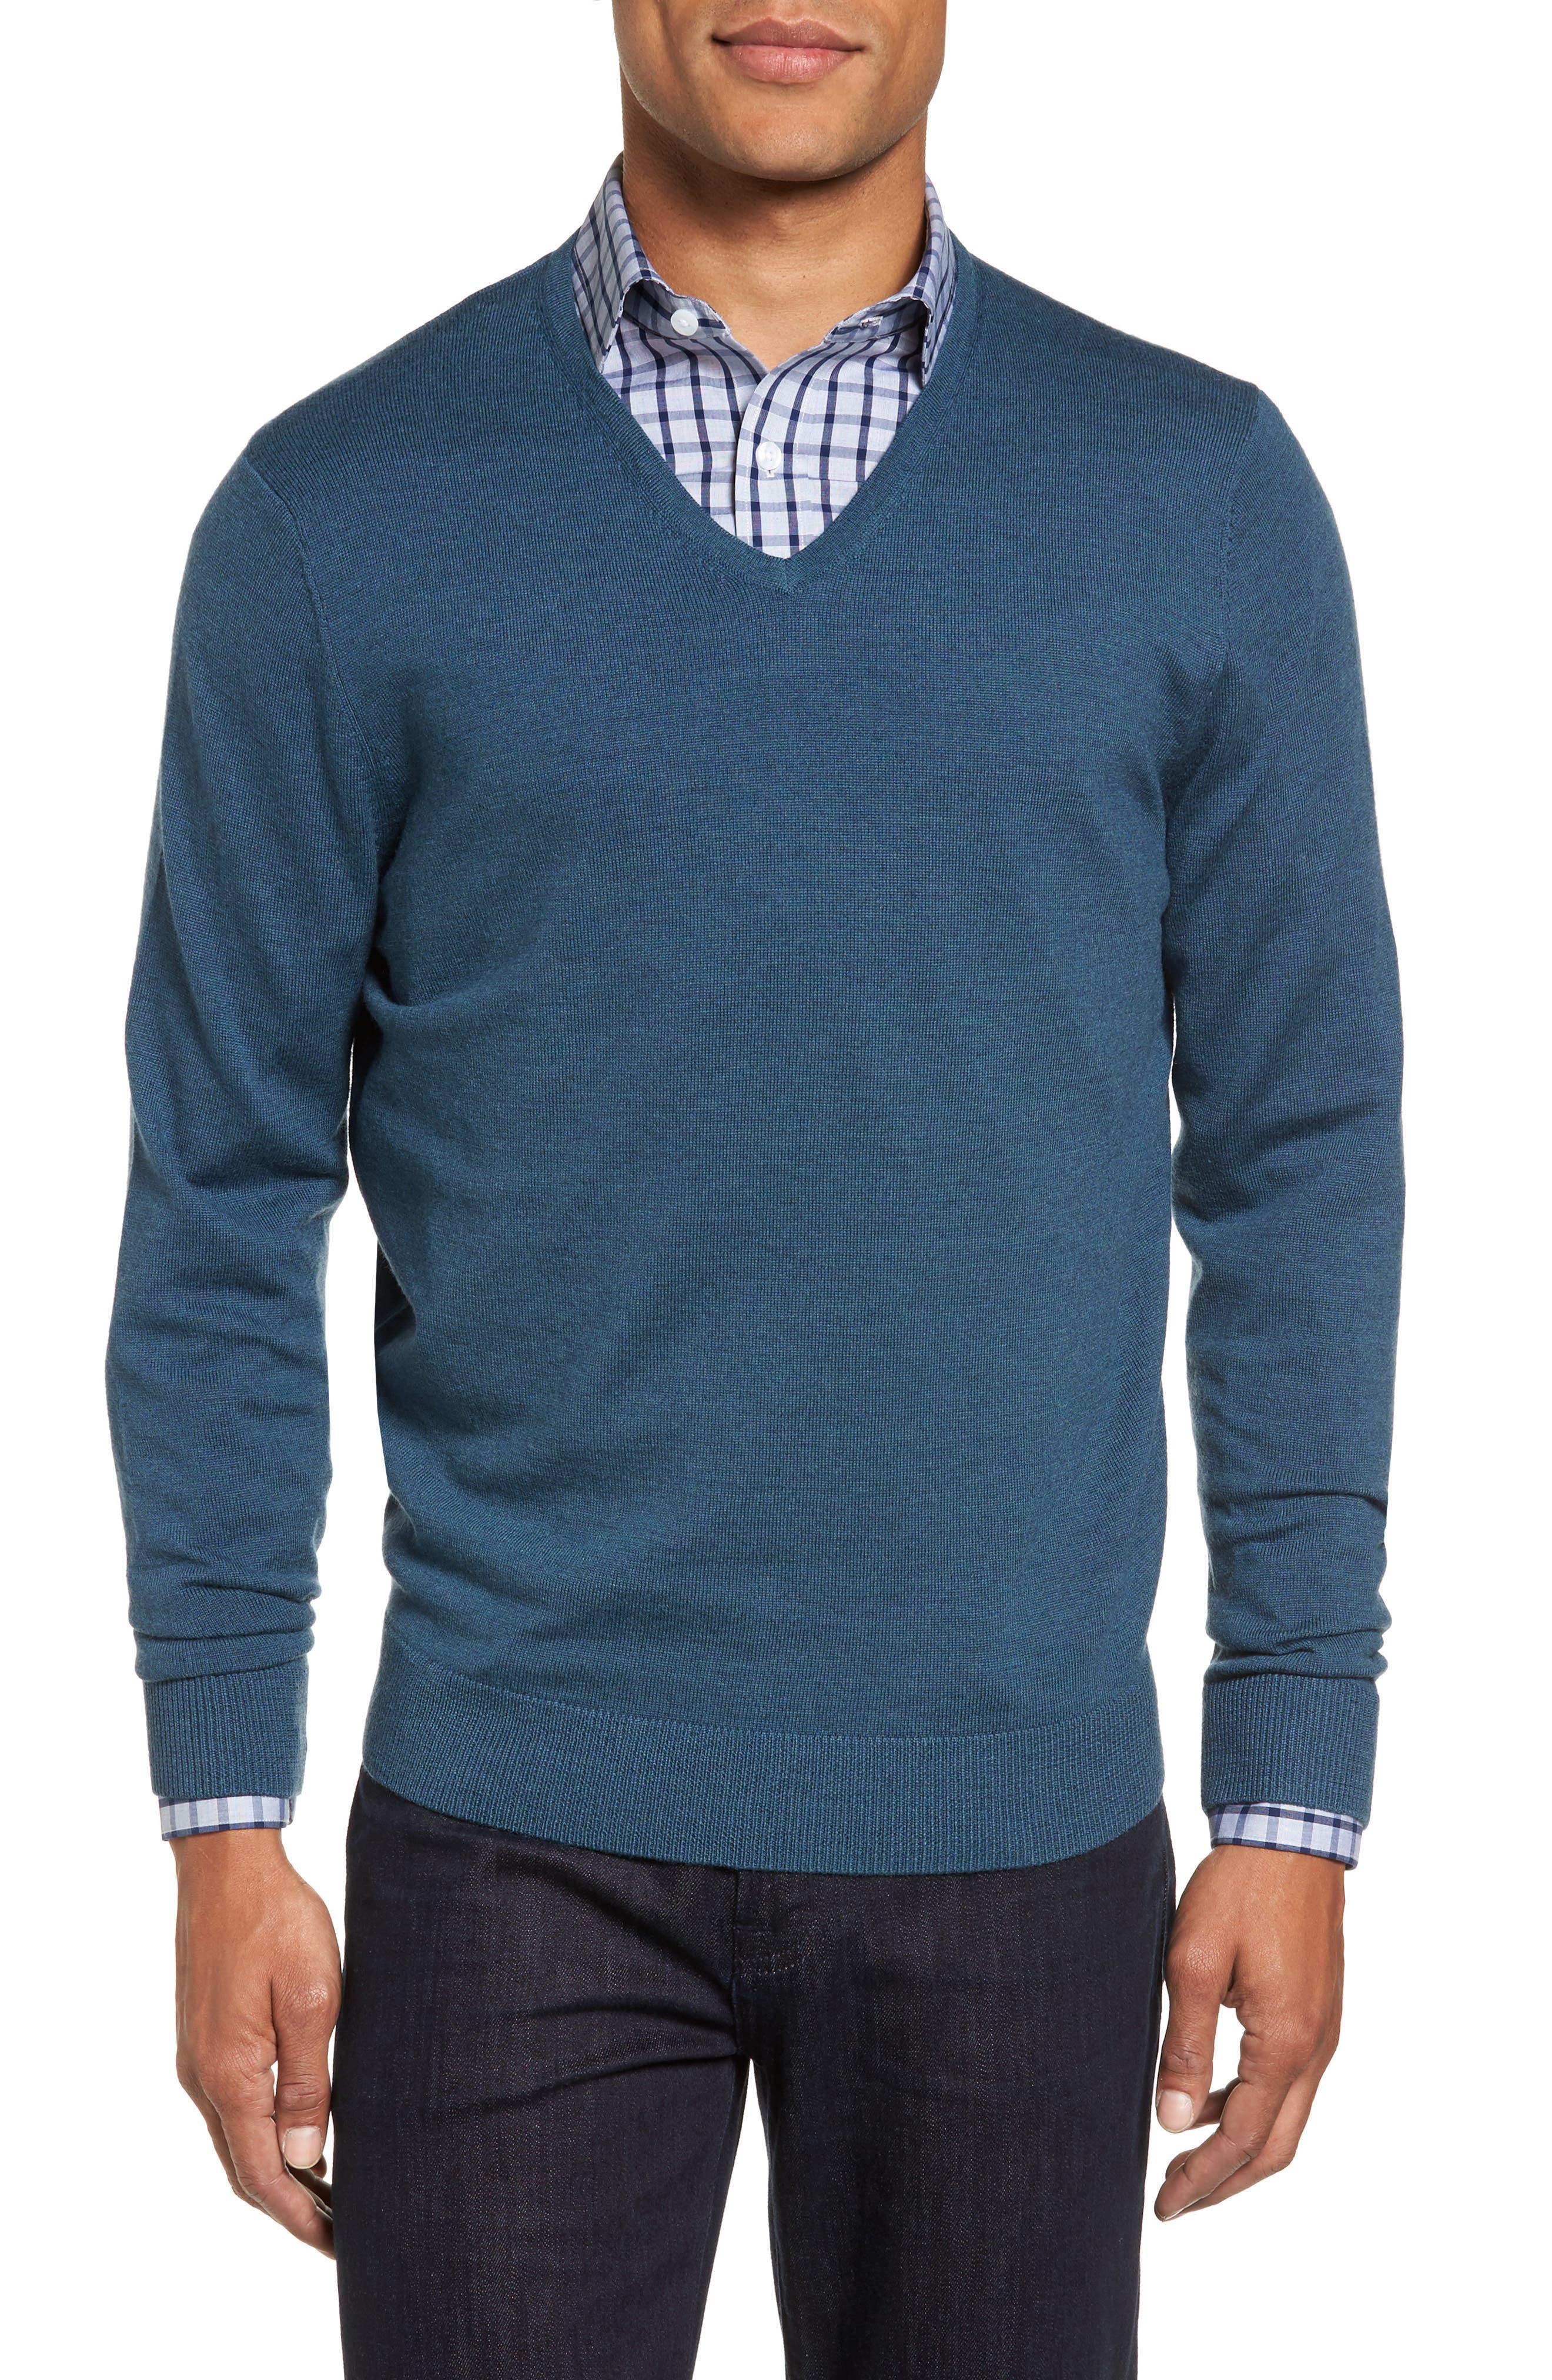 Alternate Image 1 Selected - Nordstrom Men's Shop V-Neck Merino Wool Sweater (Regular & Tall)